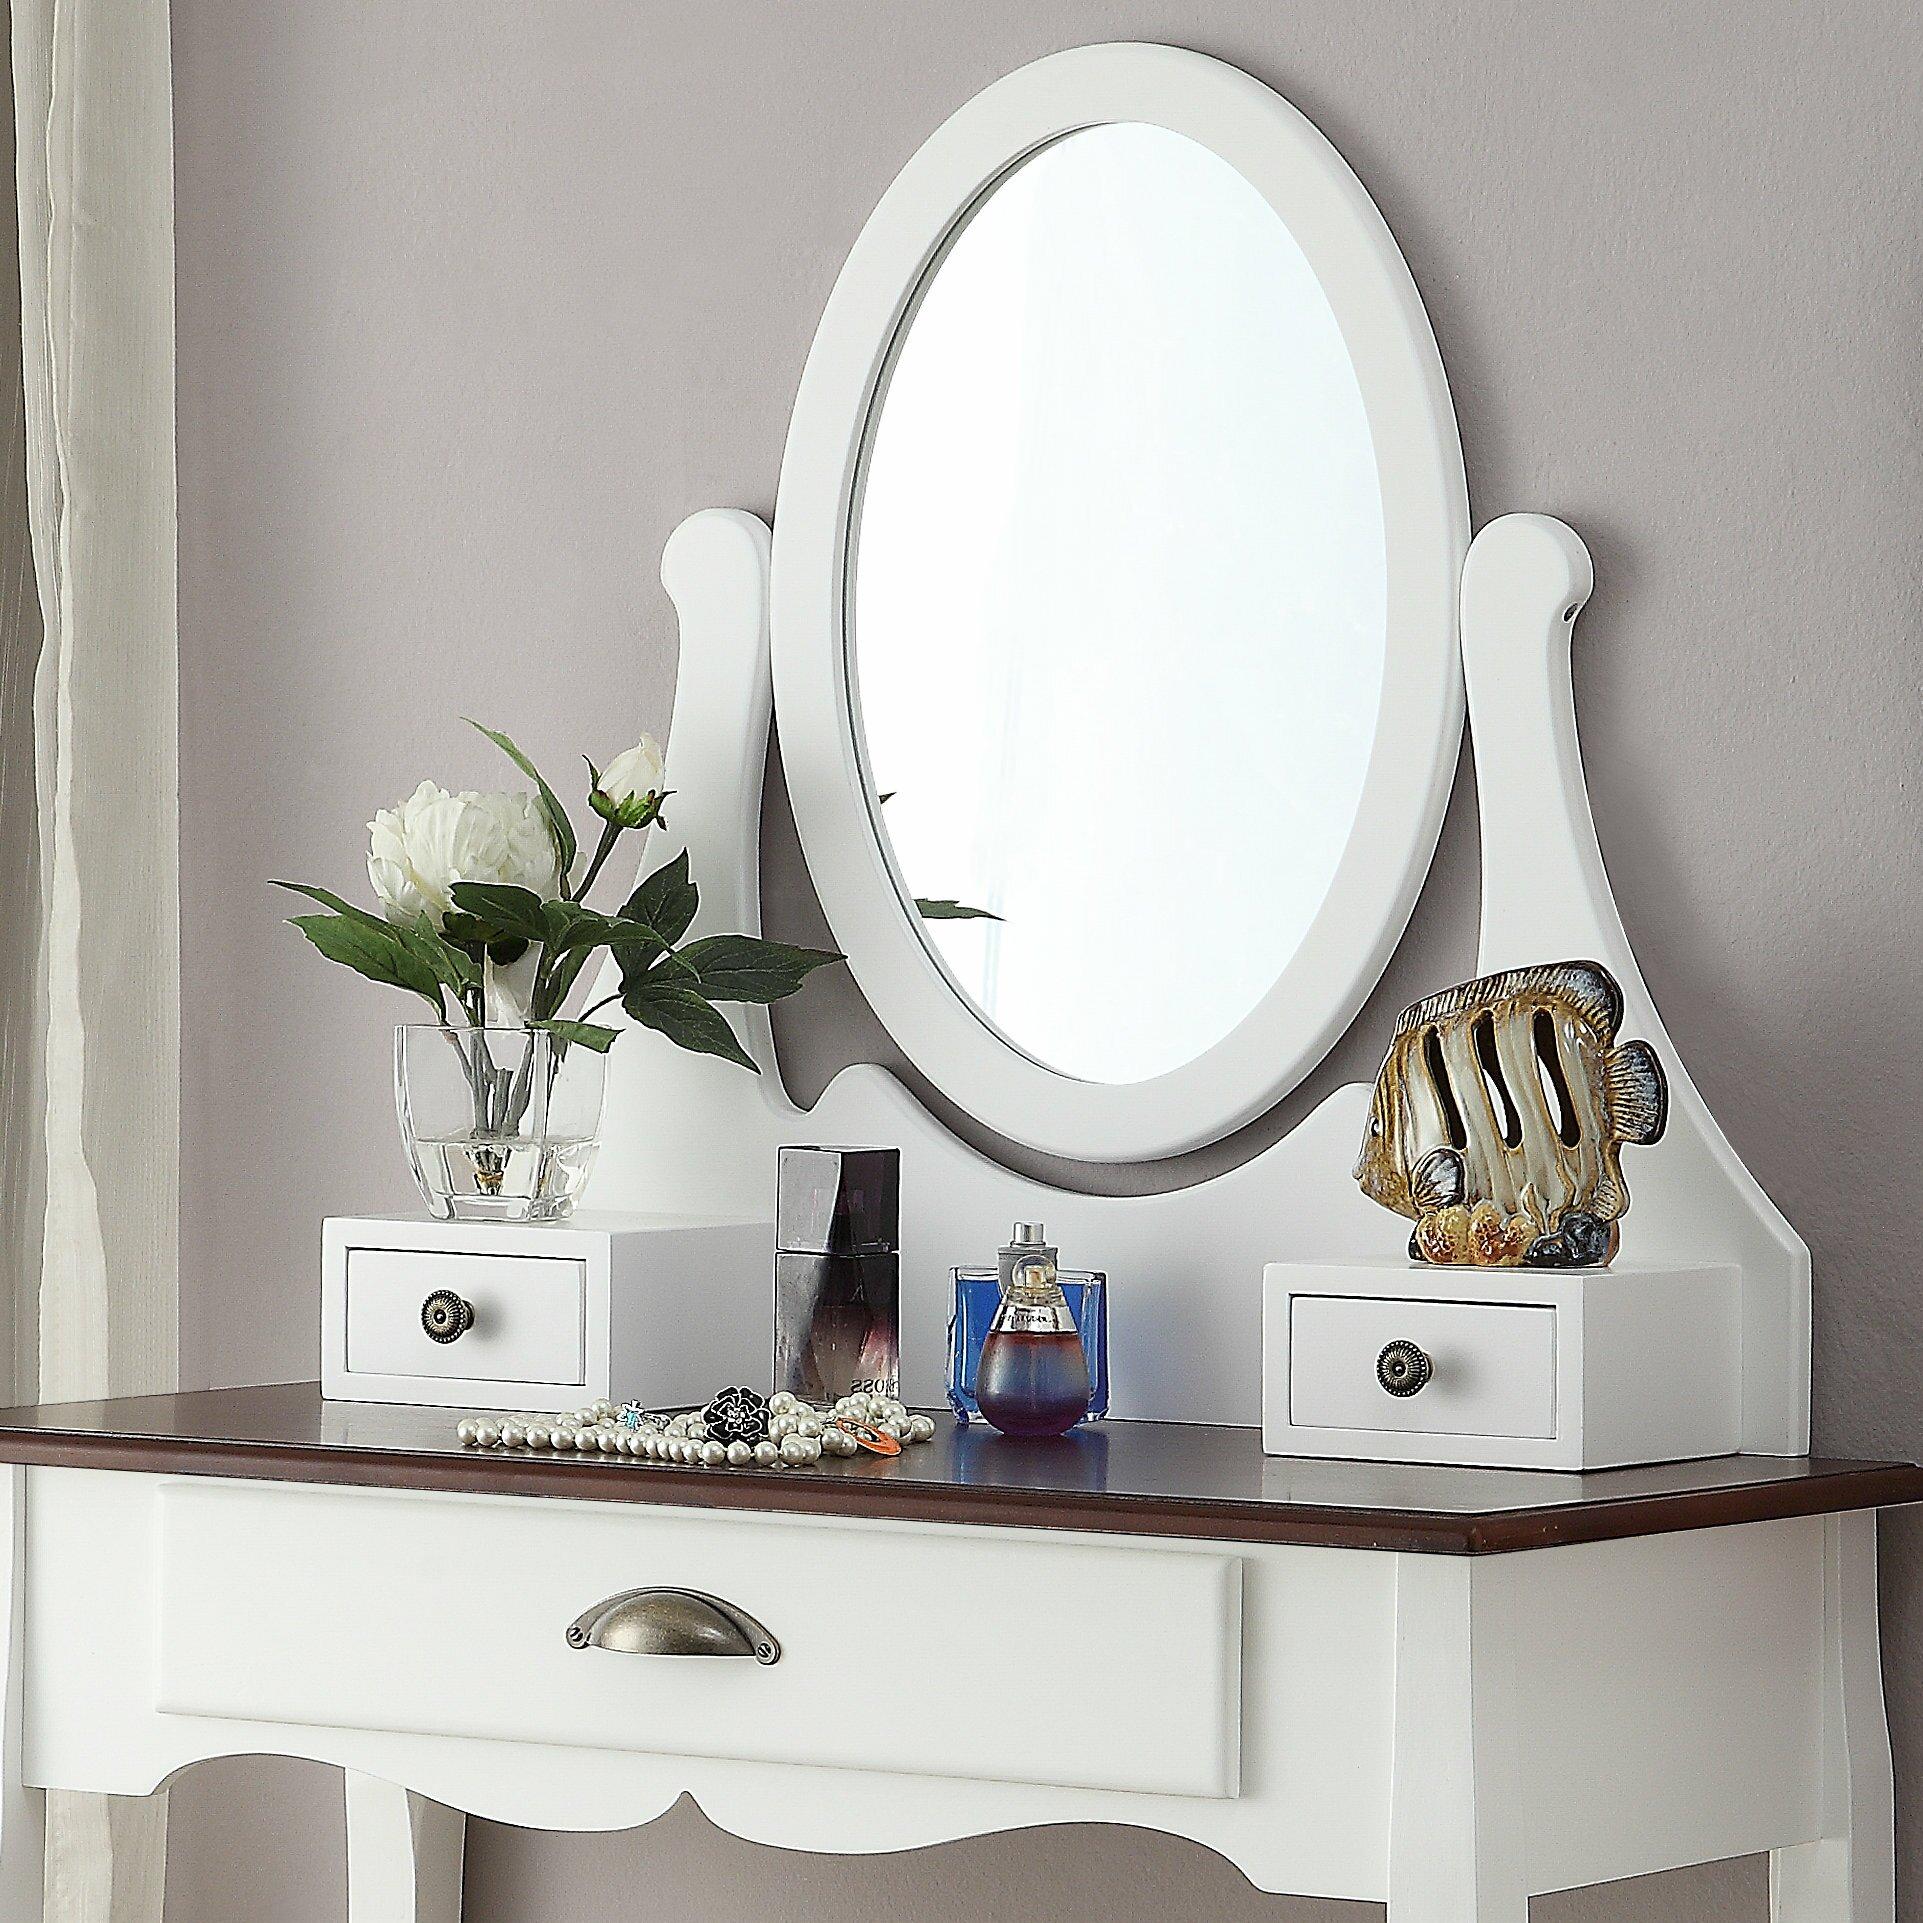 Roundhill furniture interhyp wooden vanity set with mirror